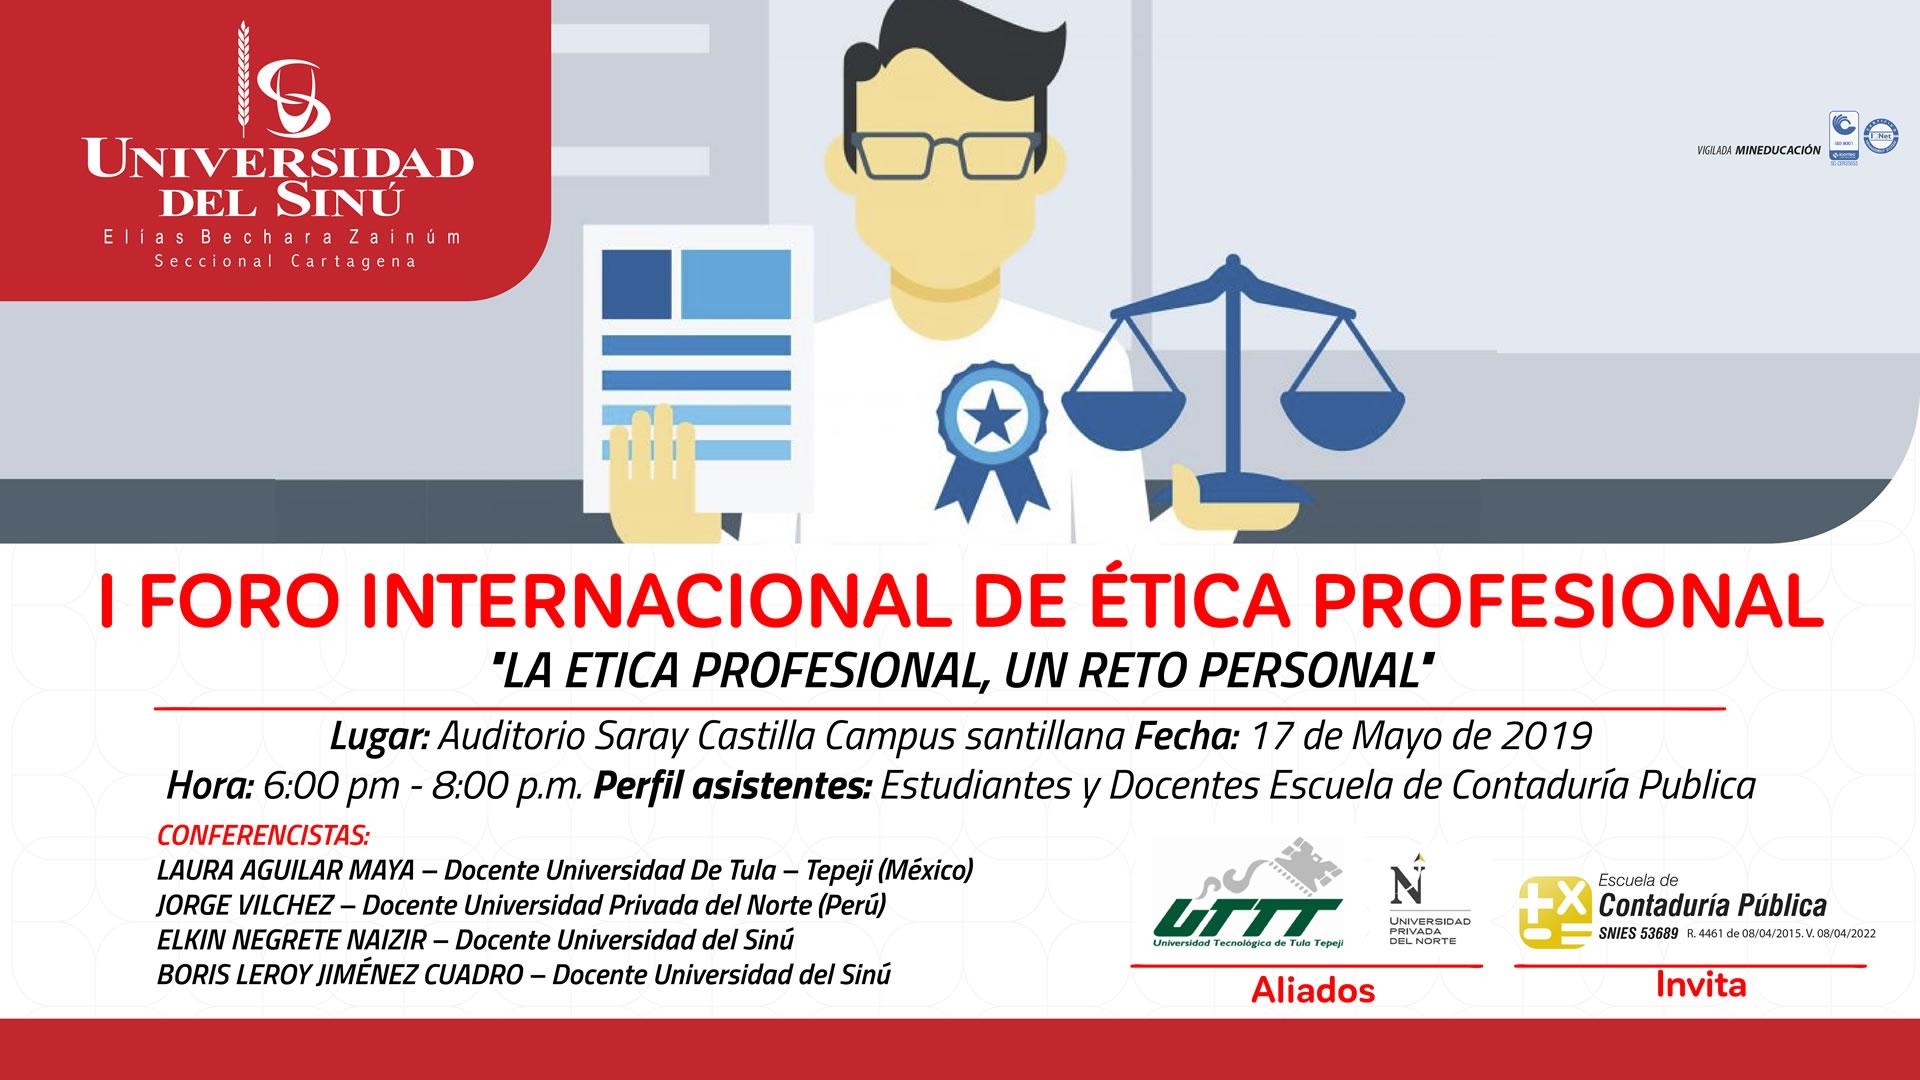 I Foro Internacional de Ética Profesional